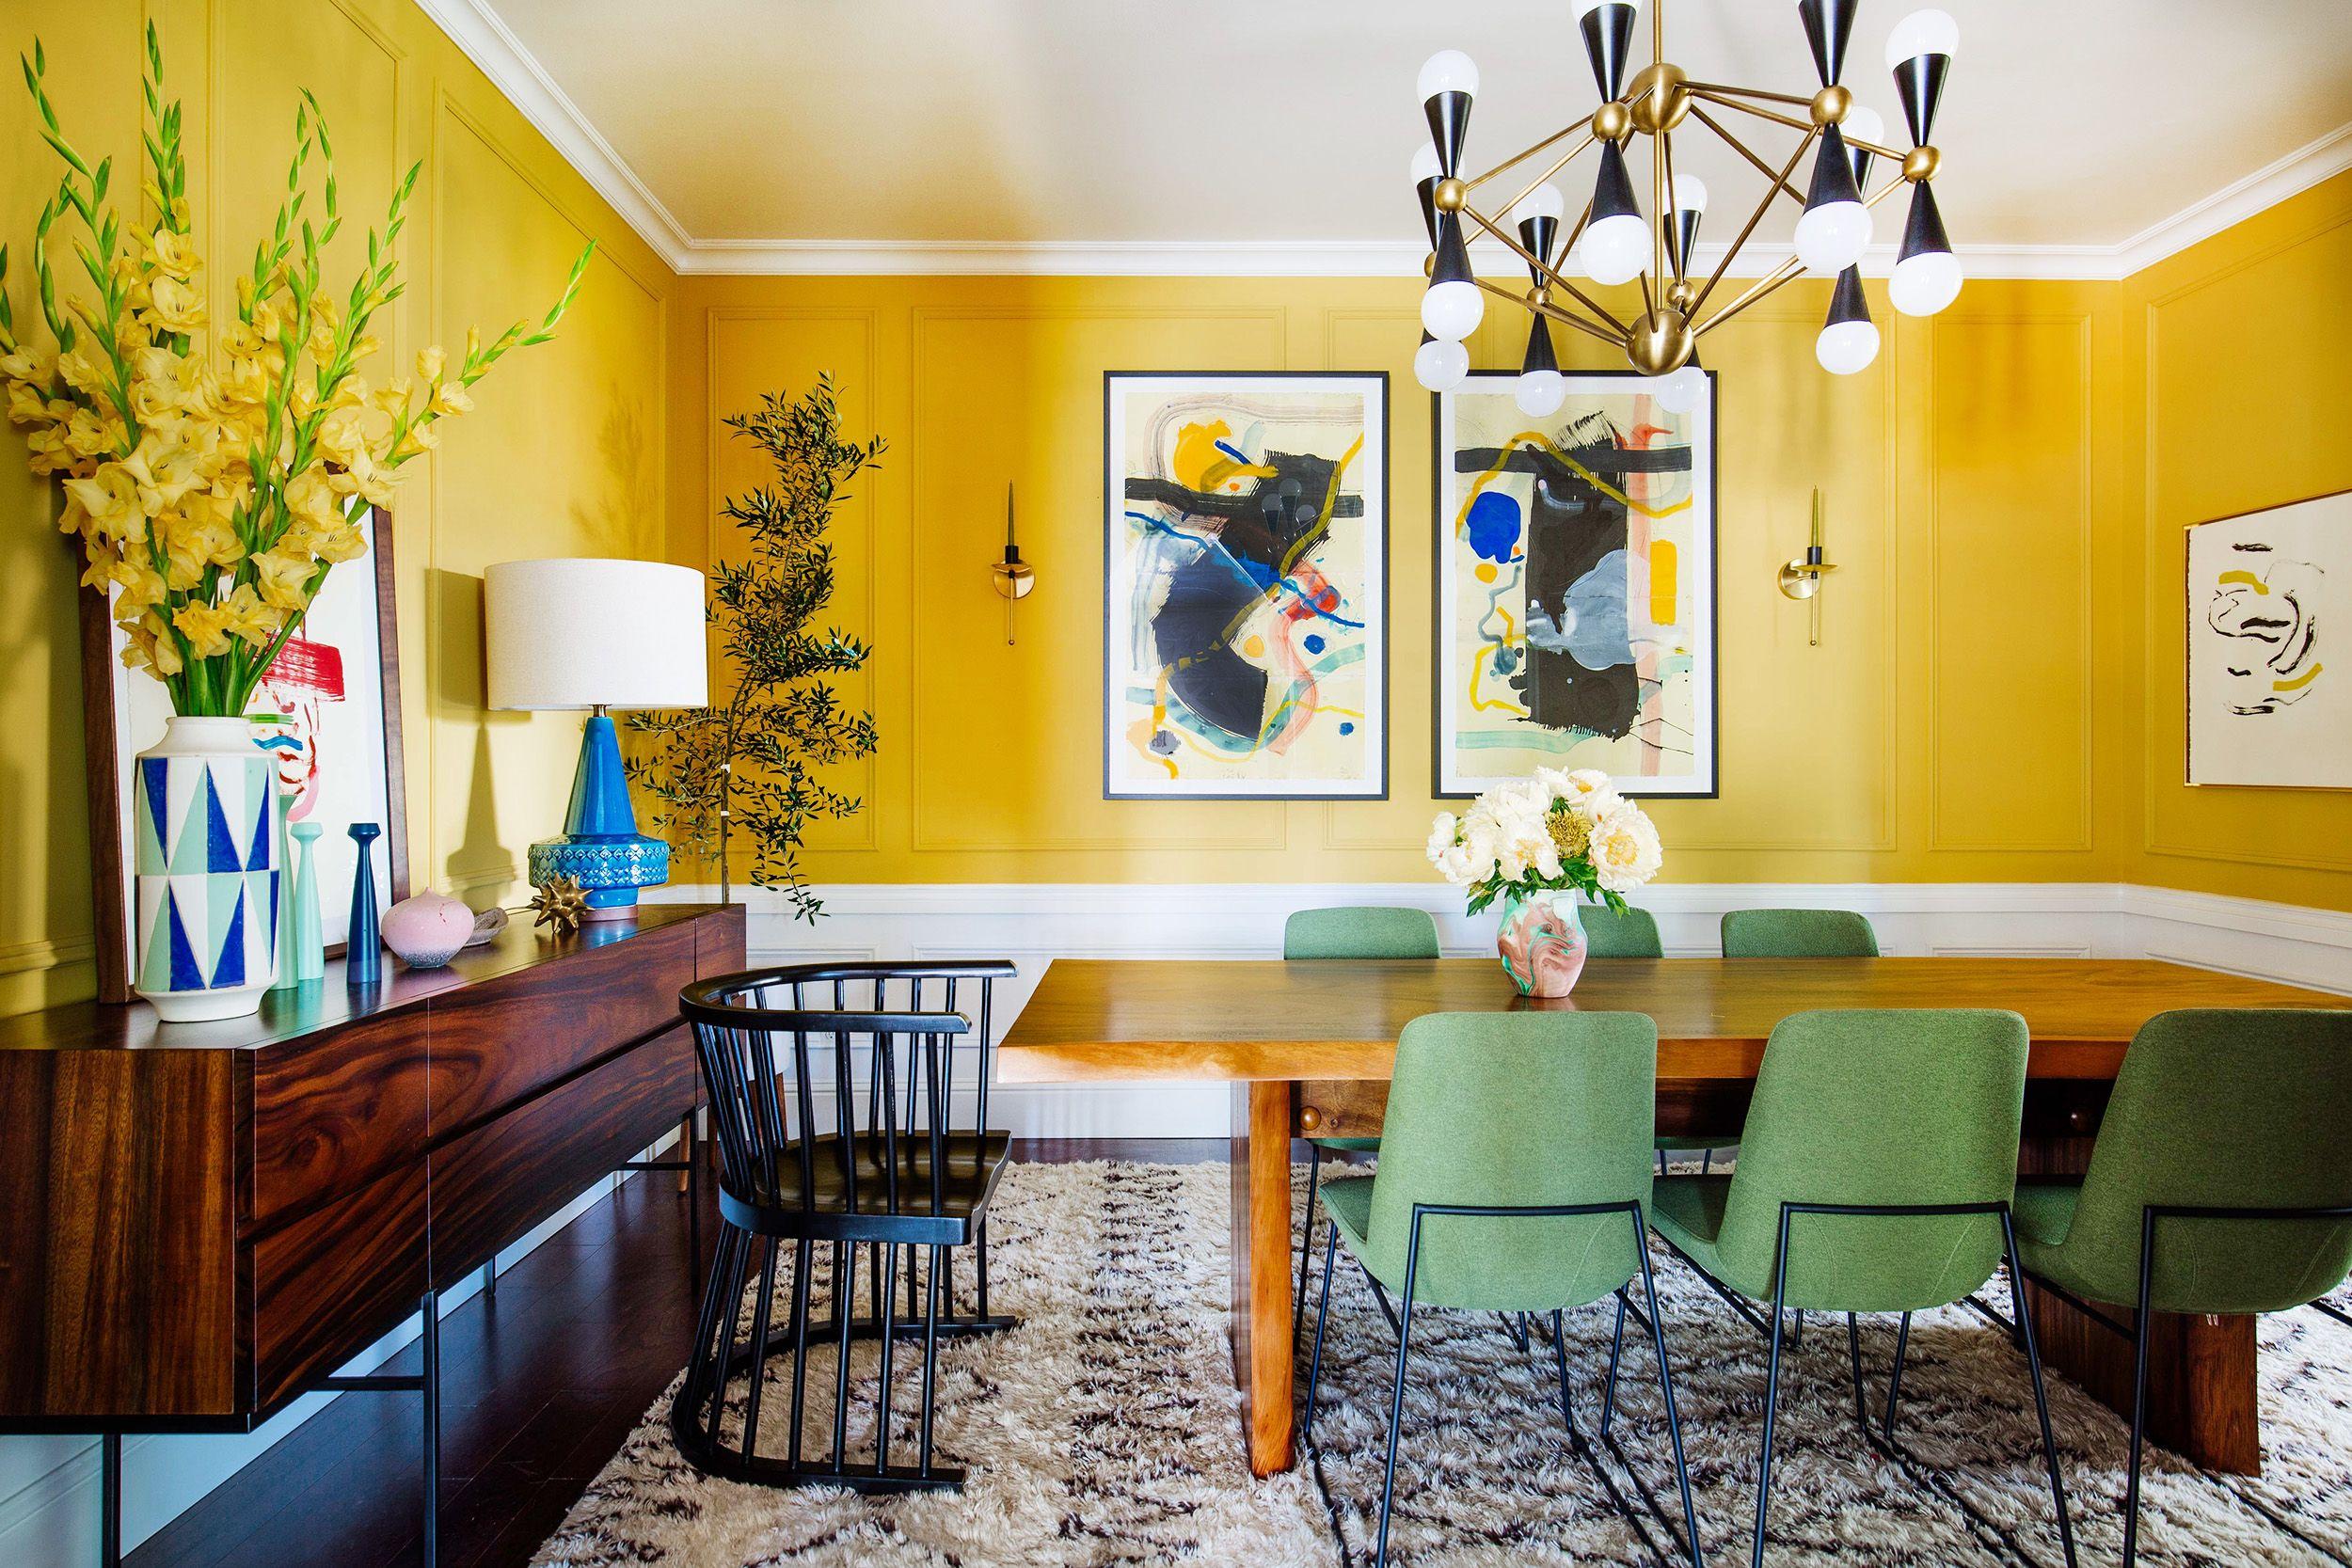 Desain Interior! Yuk Bikin Kamar Semenarik Mungkin dan Pastinya Bikin Betah Berada di Kamar